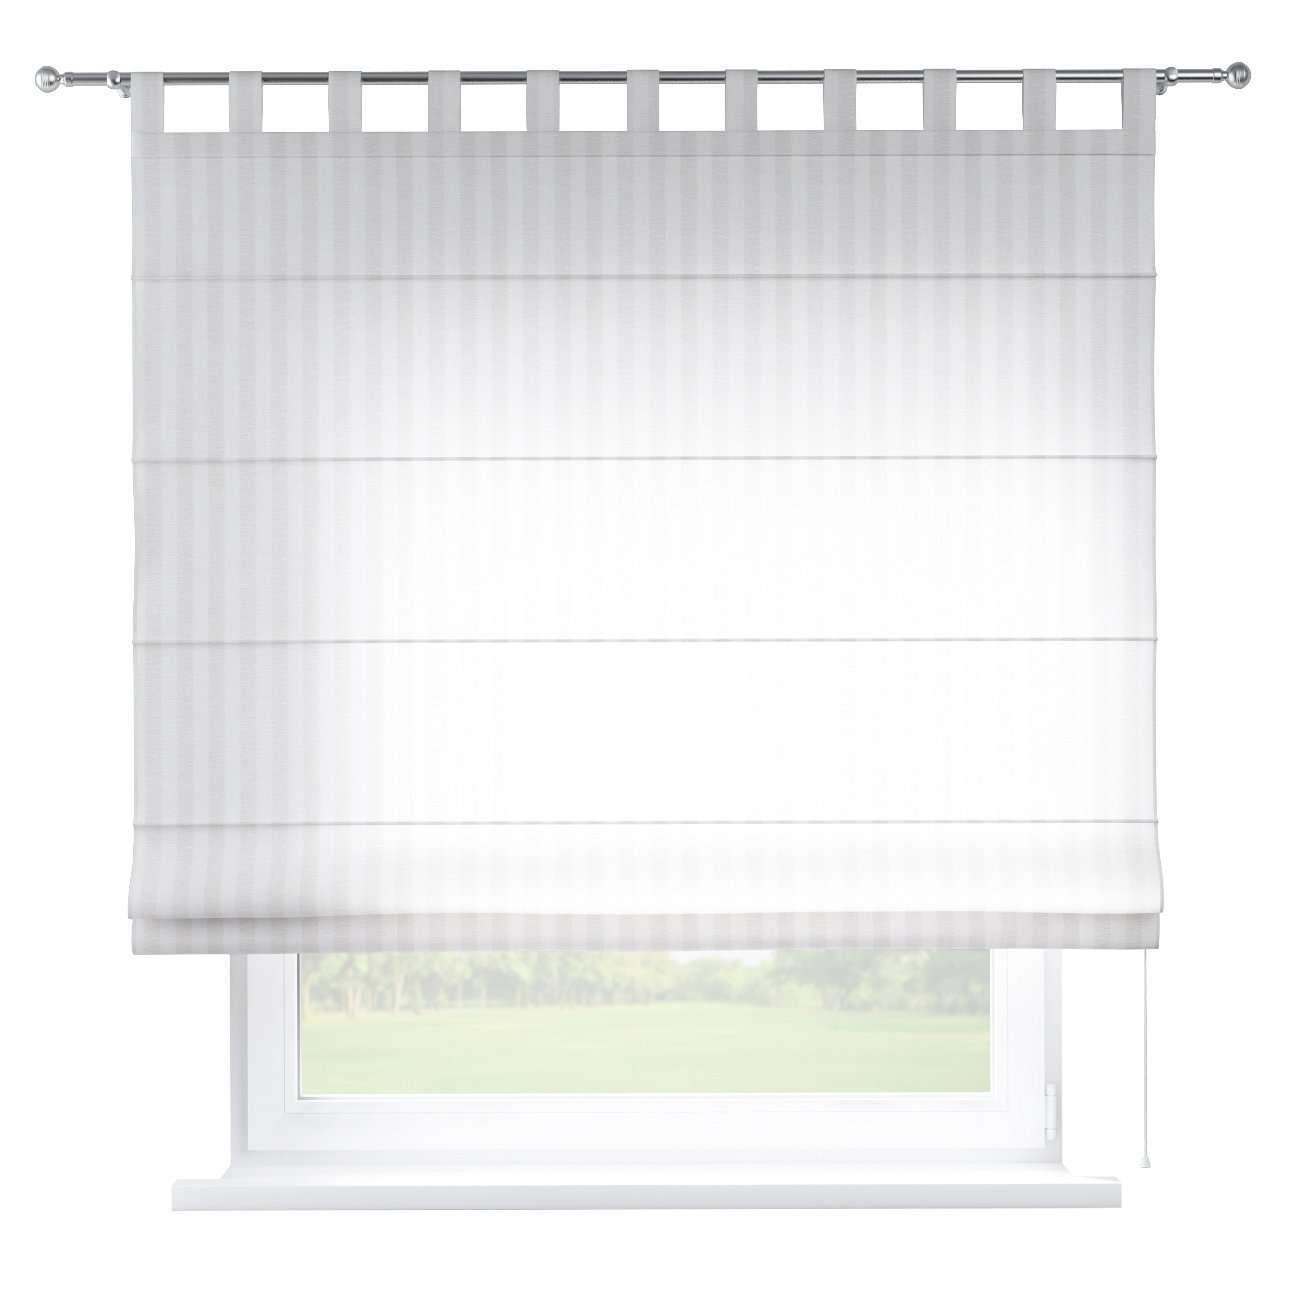 Raffrollo Verona, weiß, 100 × 170 cm, Leinen | Heimtextilien > Jalousien und Rollos > Raffrollos | Dekoria